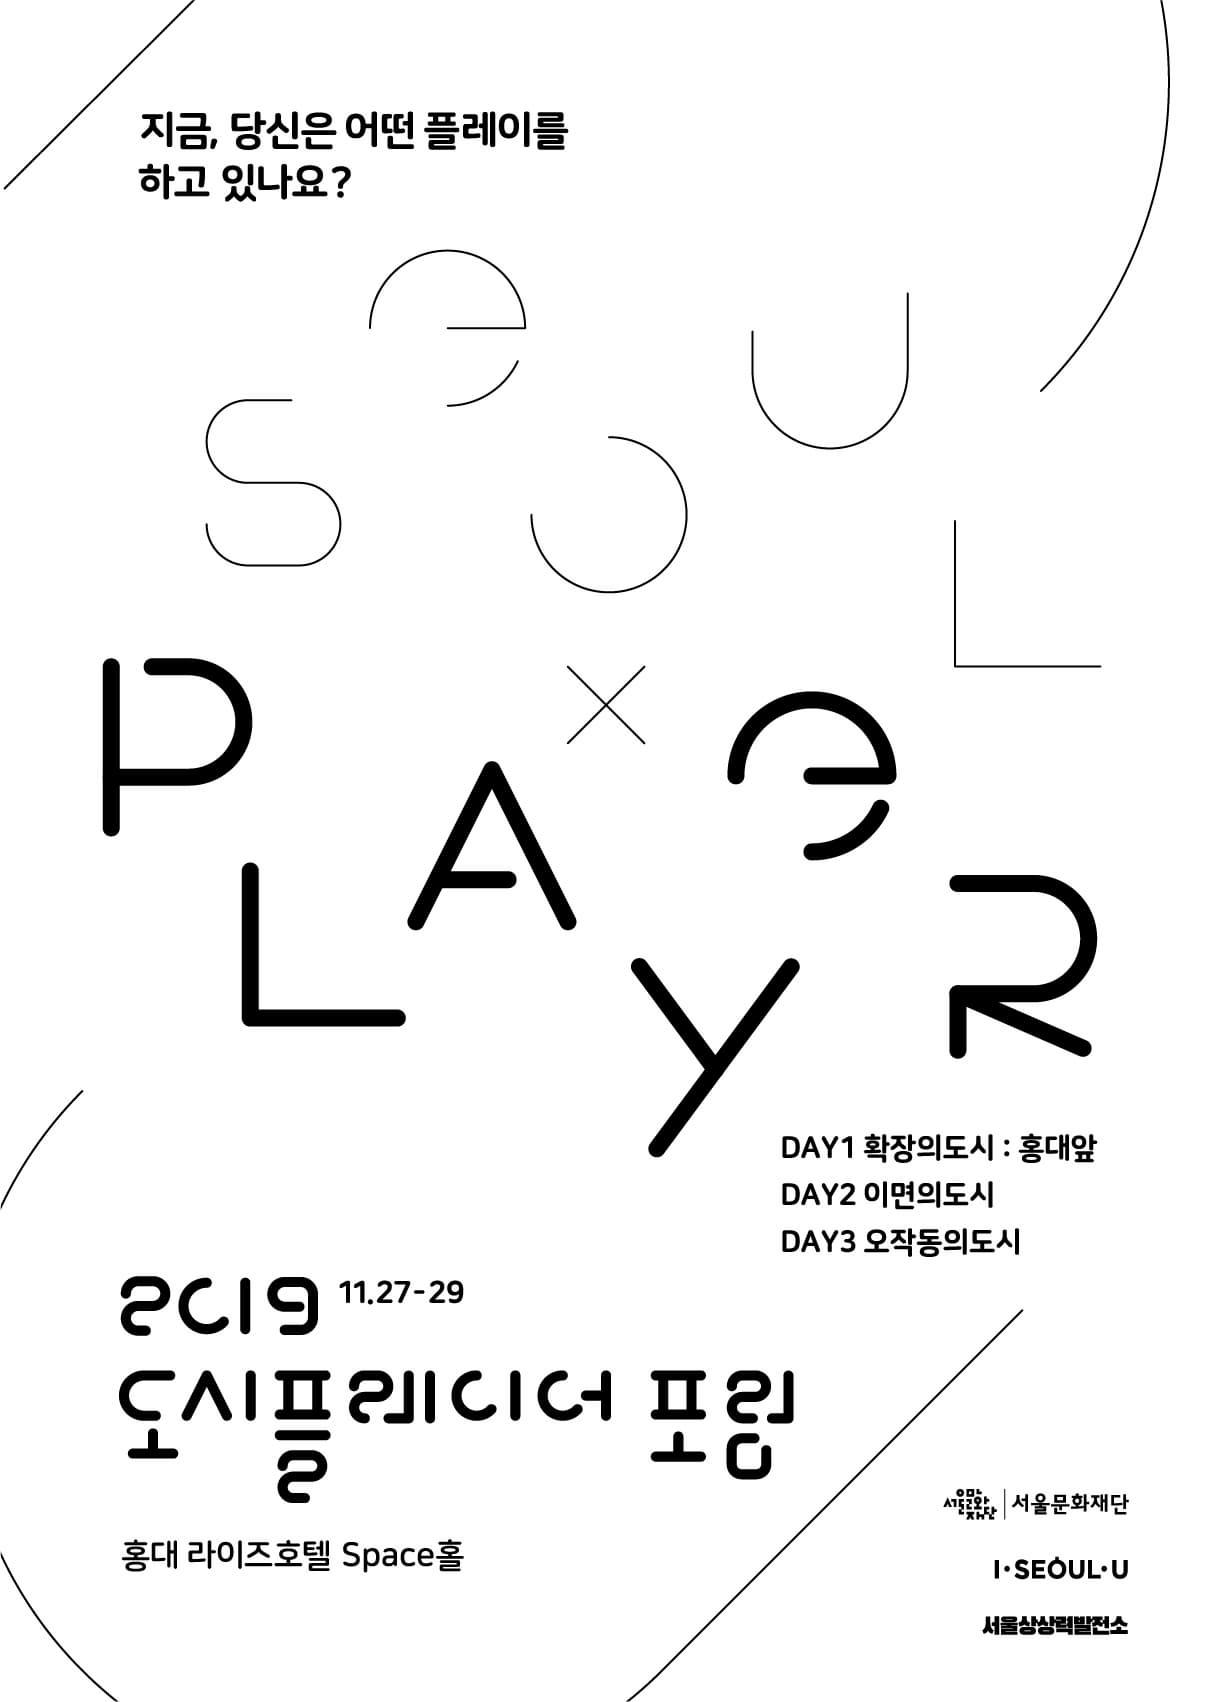 도시플레이어 포럼 - 19인의 도시플레이어에게 듣는 서울의 도시문화